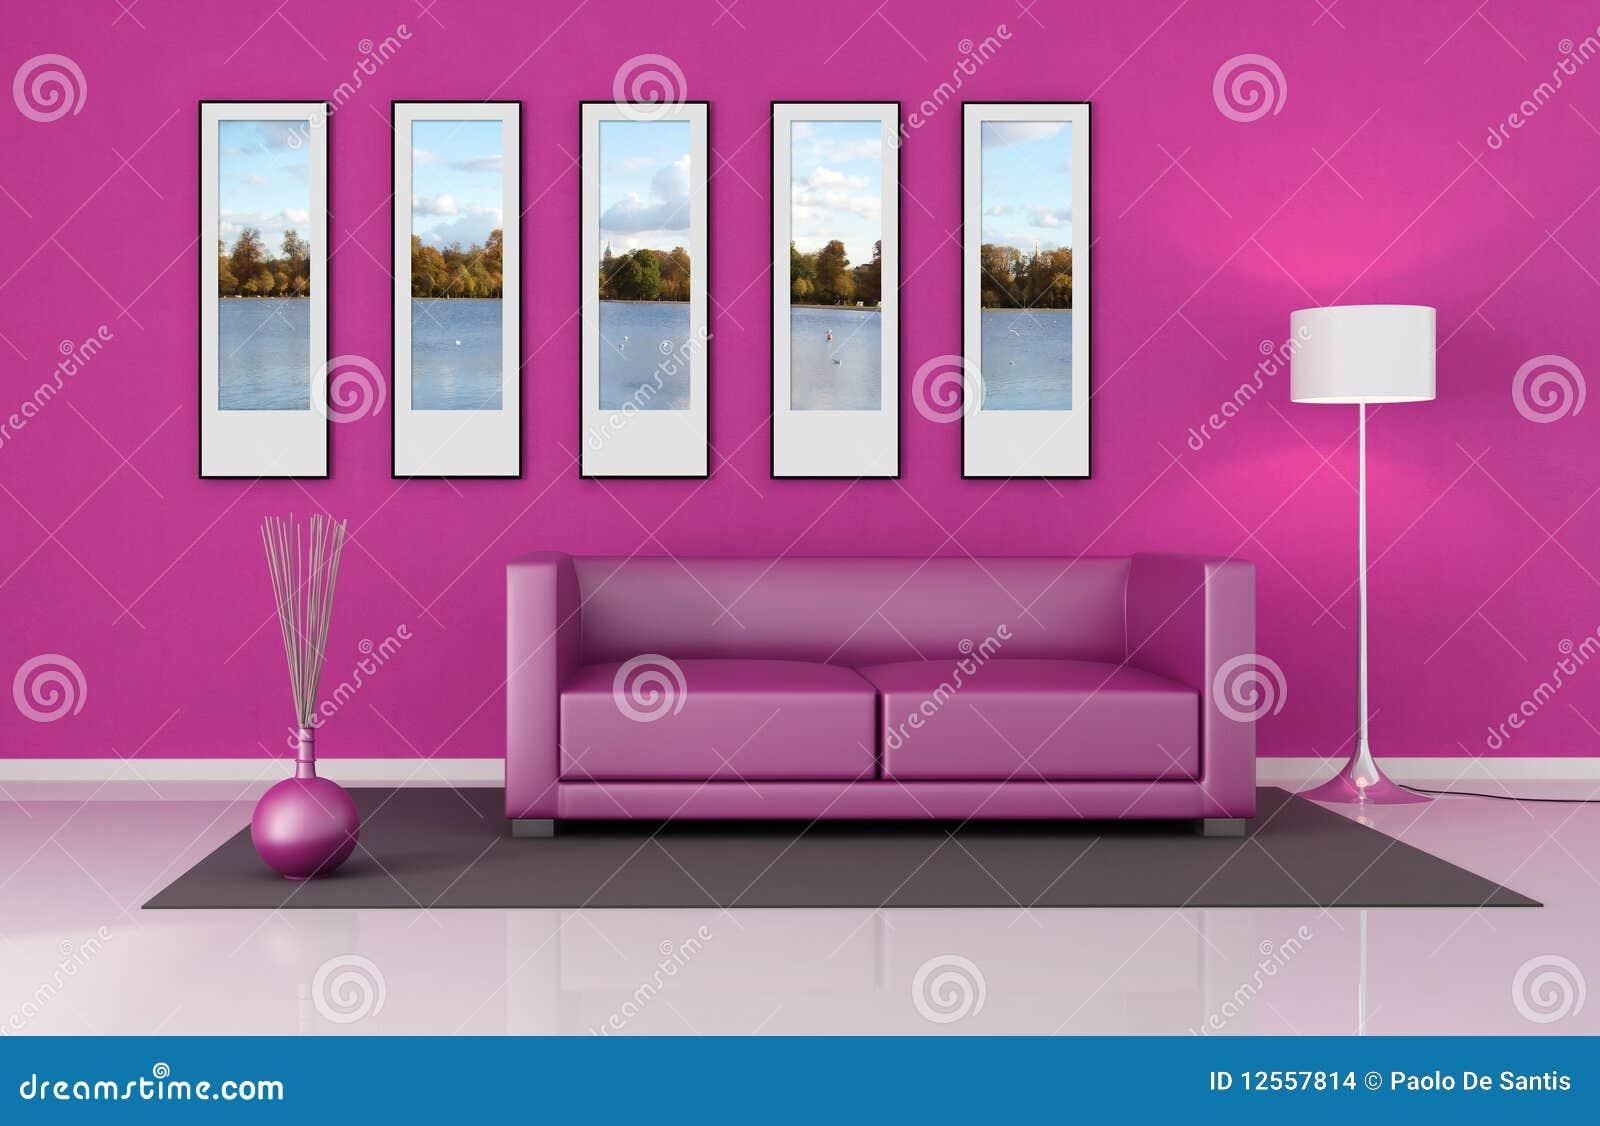 Sala De Estar Cor De Rosa ~ Sala De Estar Corderosa Imagens de Stock  Imagem 12557814